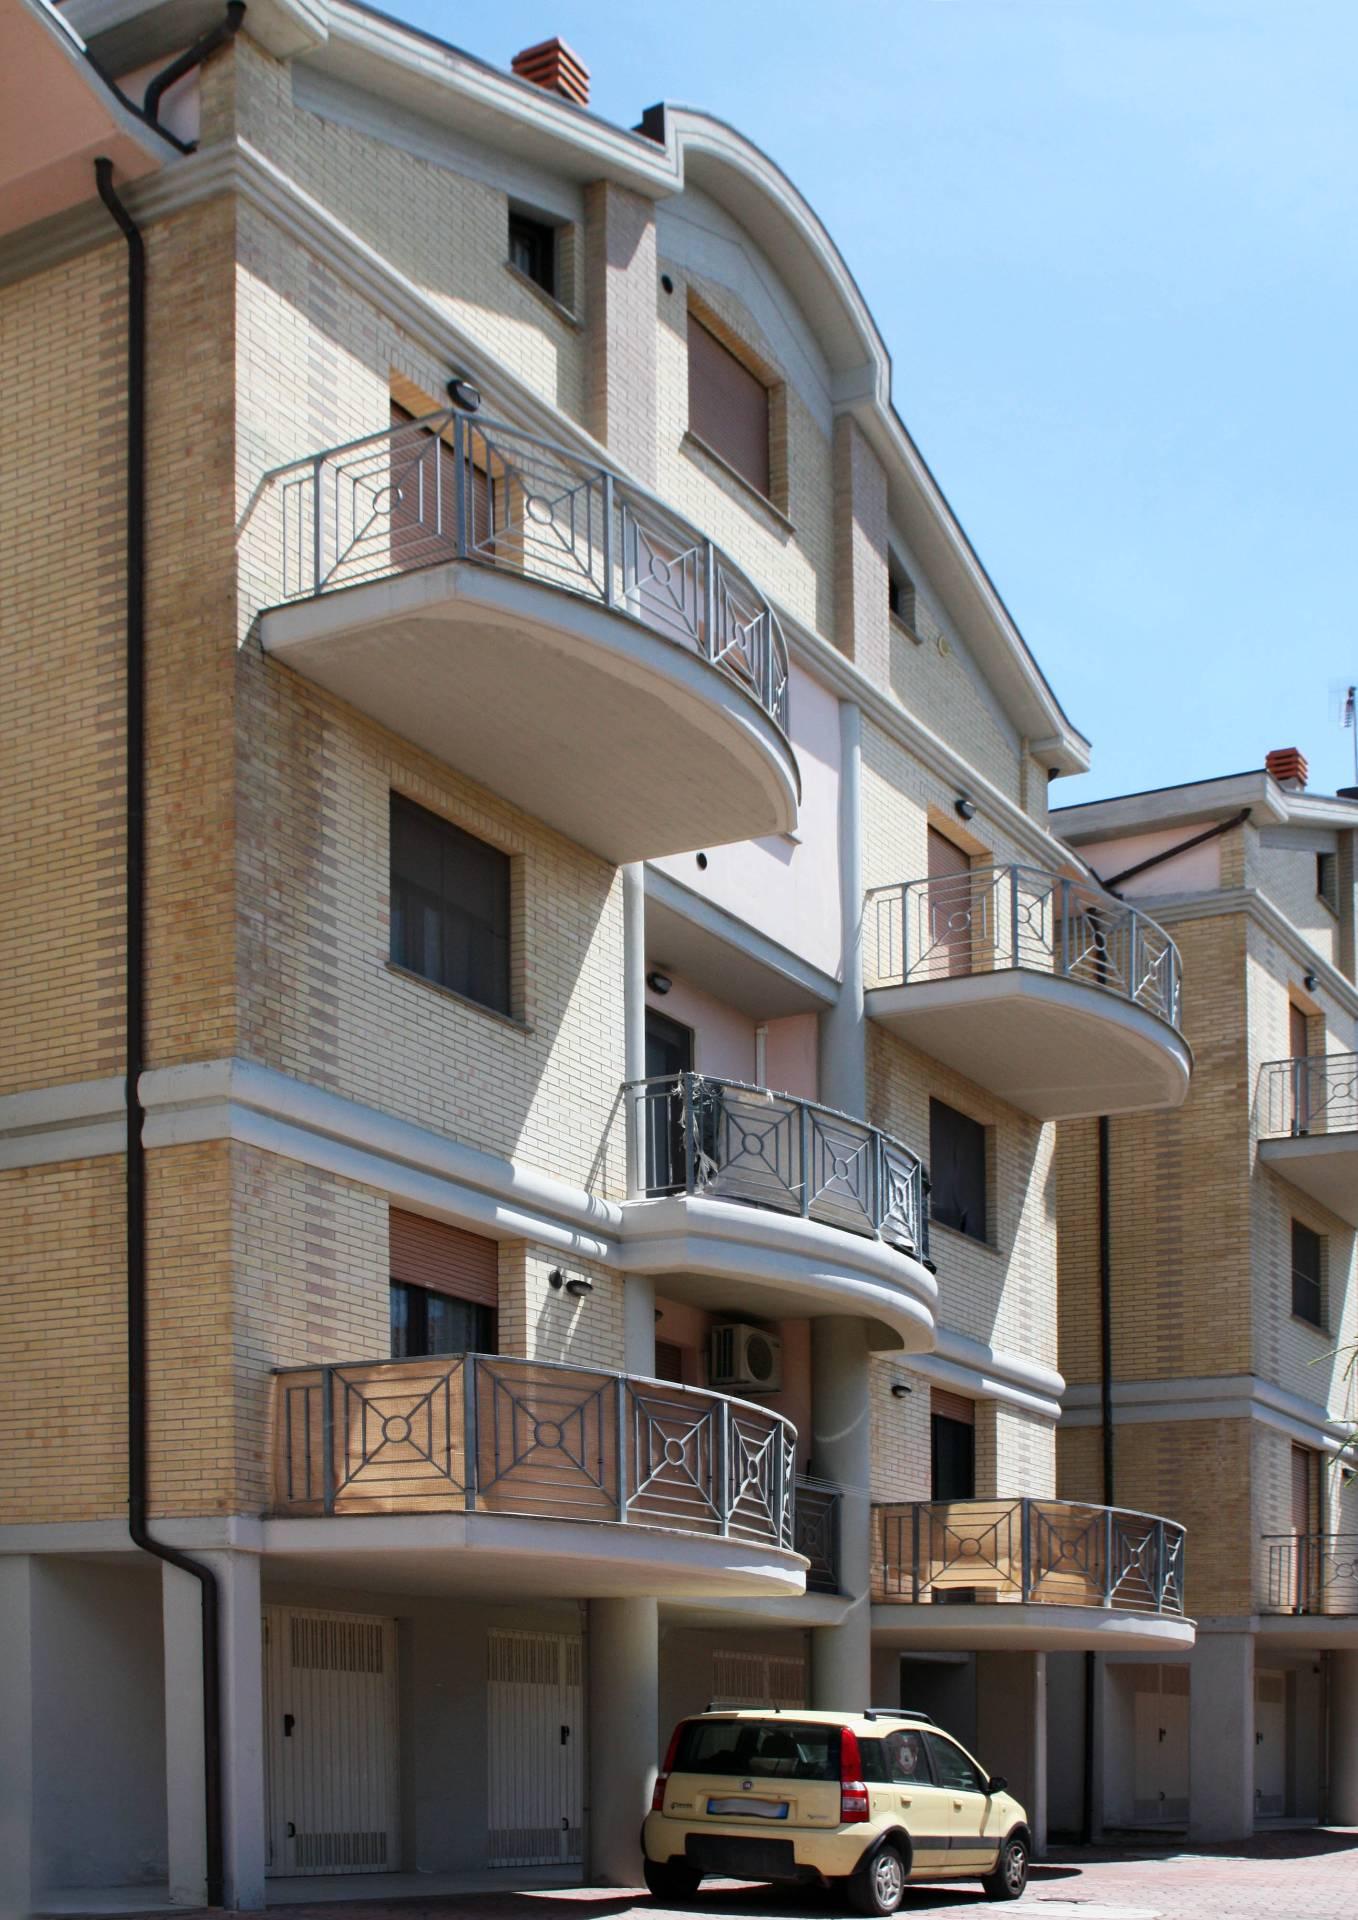 Appartamento in vendita a Monte San Vito, 3 locali, prezzo € 80.000 | Cambio Casa.it